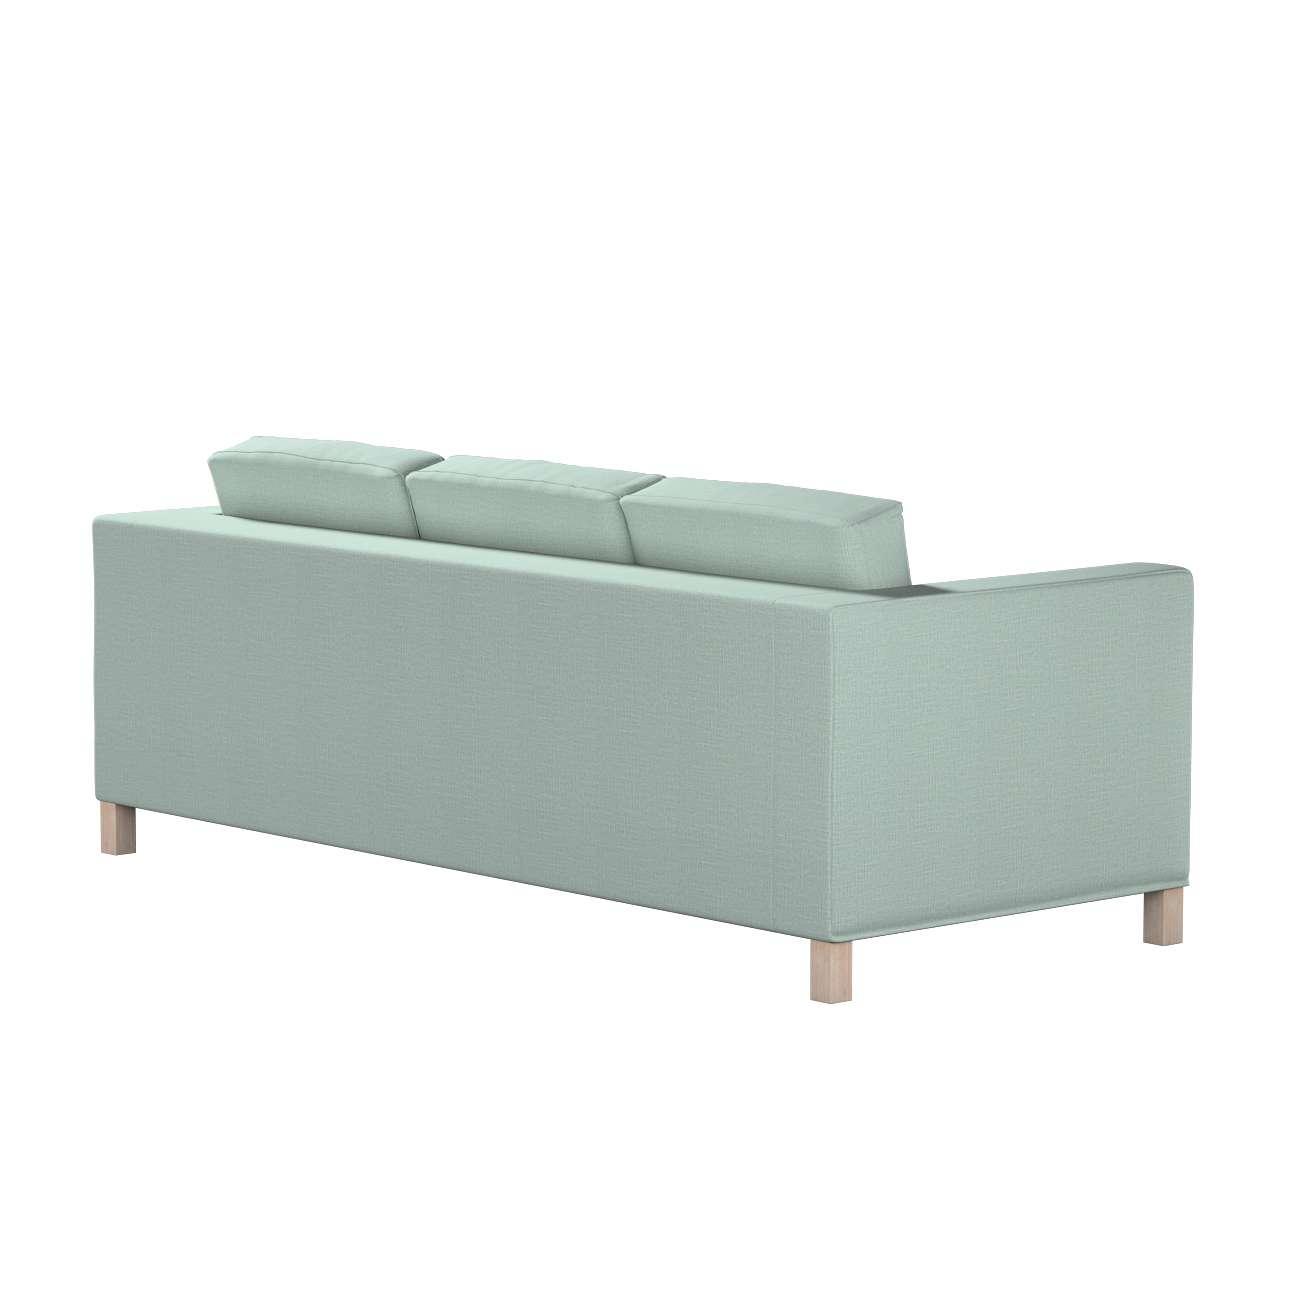 Pokrowiec na sofę Karlanda 3-osobową nierozkładaną, krótki w kolekcji Living, tkanina: 160-86